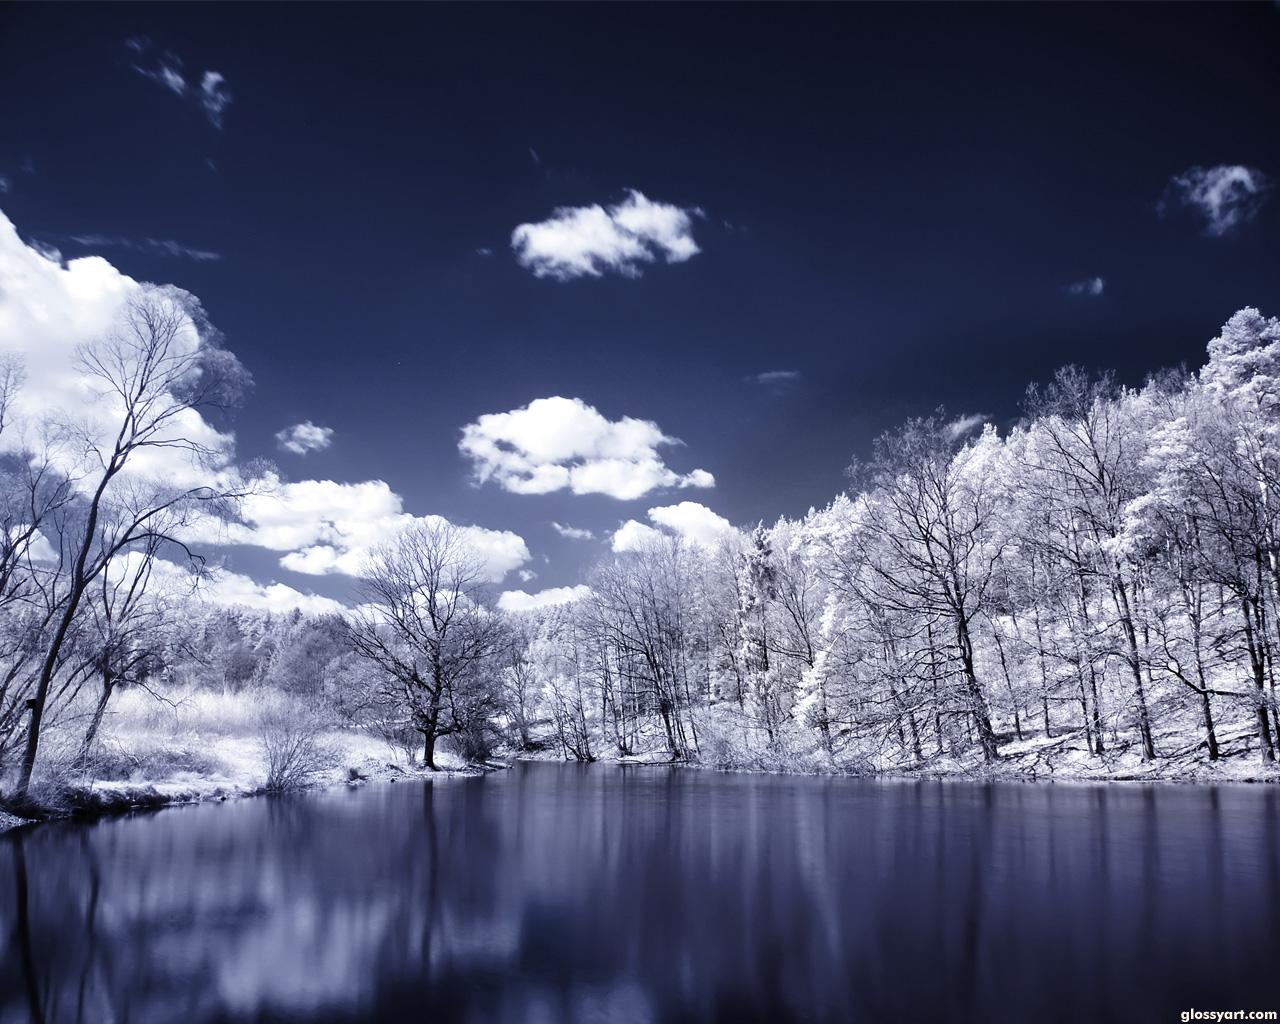 http://2.bp.blogspot.com/_bwujJ5ofDBo/TRtpvvzIflI/AAAAAAAAACE/A-_SL7qbRGE/s1600/lake-of-tranquility.jpg